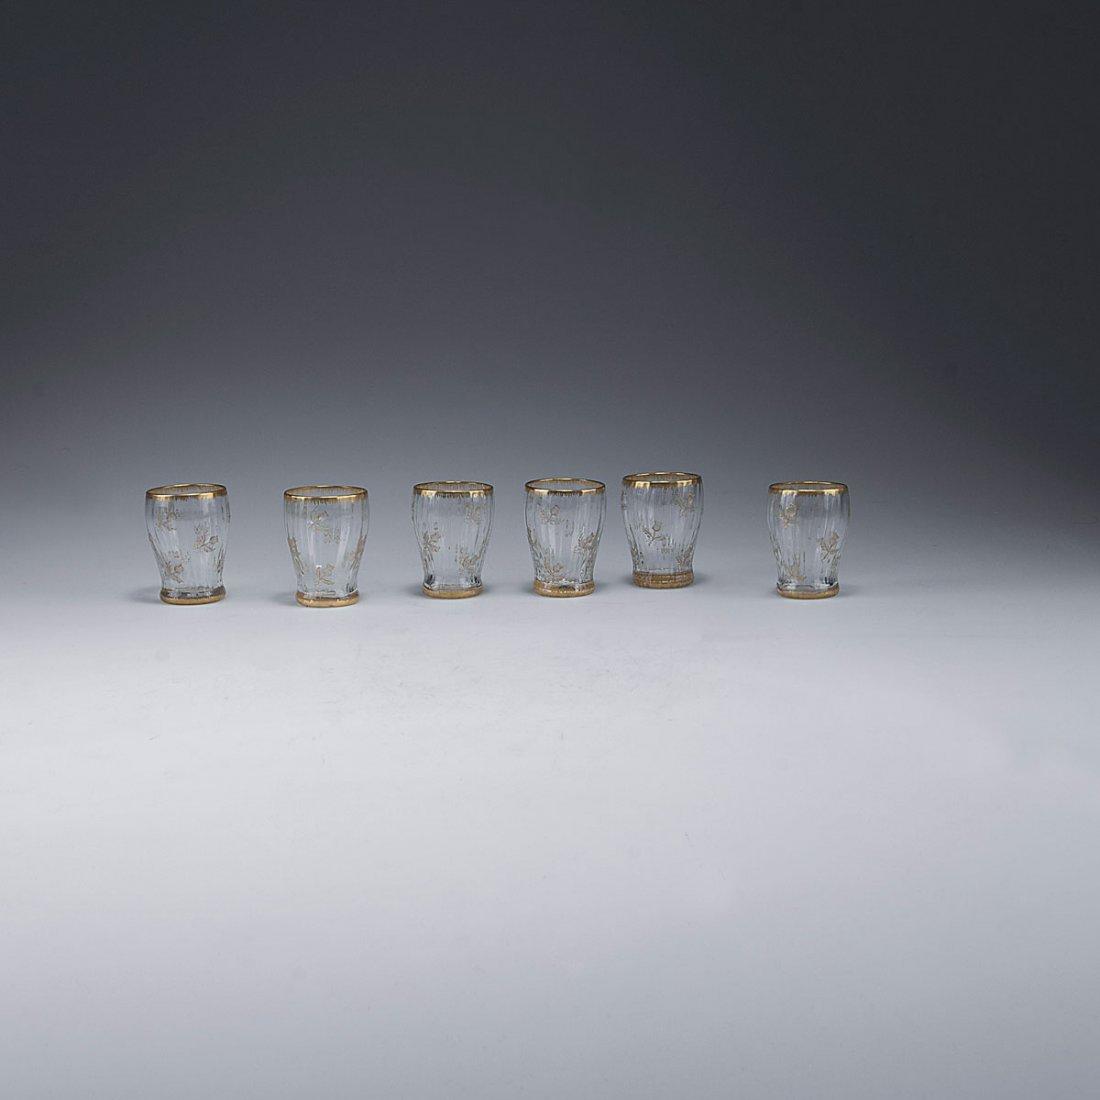 Six 'Chardons' mugs, 1891